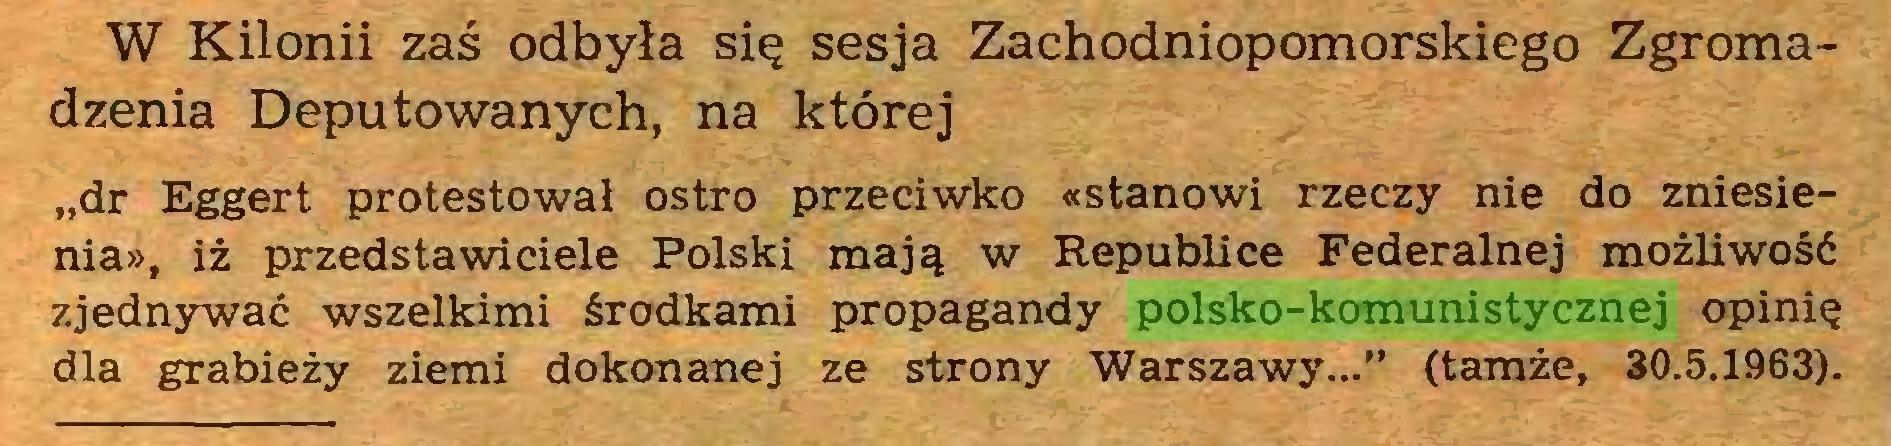 """(...) W Kilonii zaś odbyła się sesja Zachodniopomorskiego Zgromadzenia Deputowanych, na której """"dr Eggert protestował ostro przeciwko «stanowi rzeczy nie do zniesienia», iż przedstawiciele Polski mają w Republice Federalnej możliwość zjednywać wszelkimi środkami propagandy polsko-komunistycznej opinię dla grabieży ziemi dokonanej ze strony Warszawy..."""" (tamże, 30.5.1963)..."""